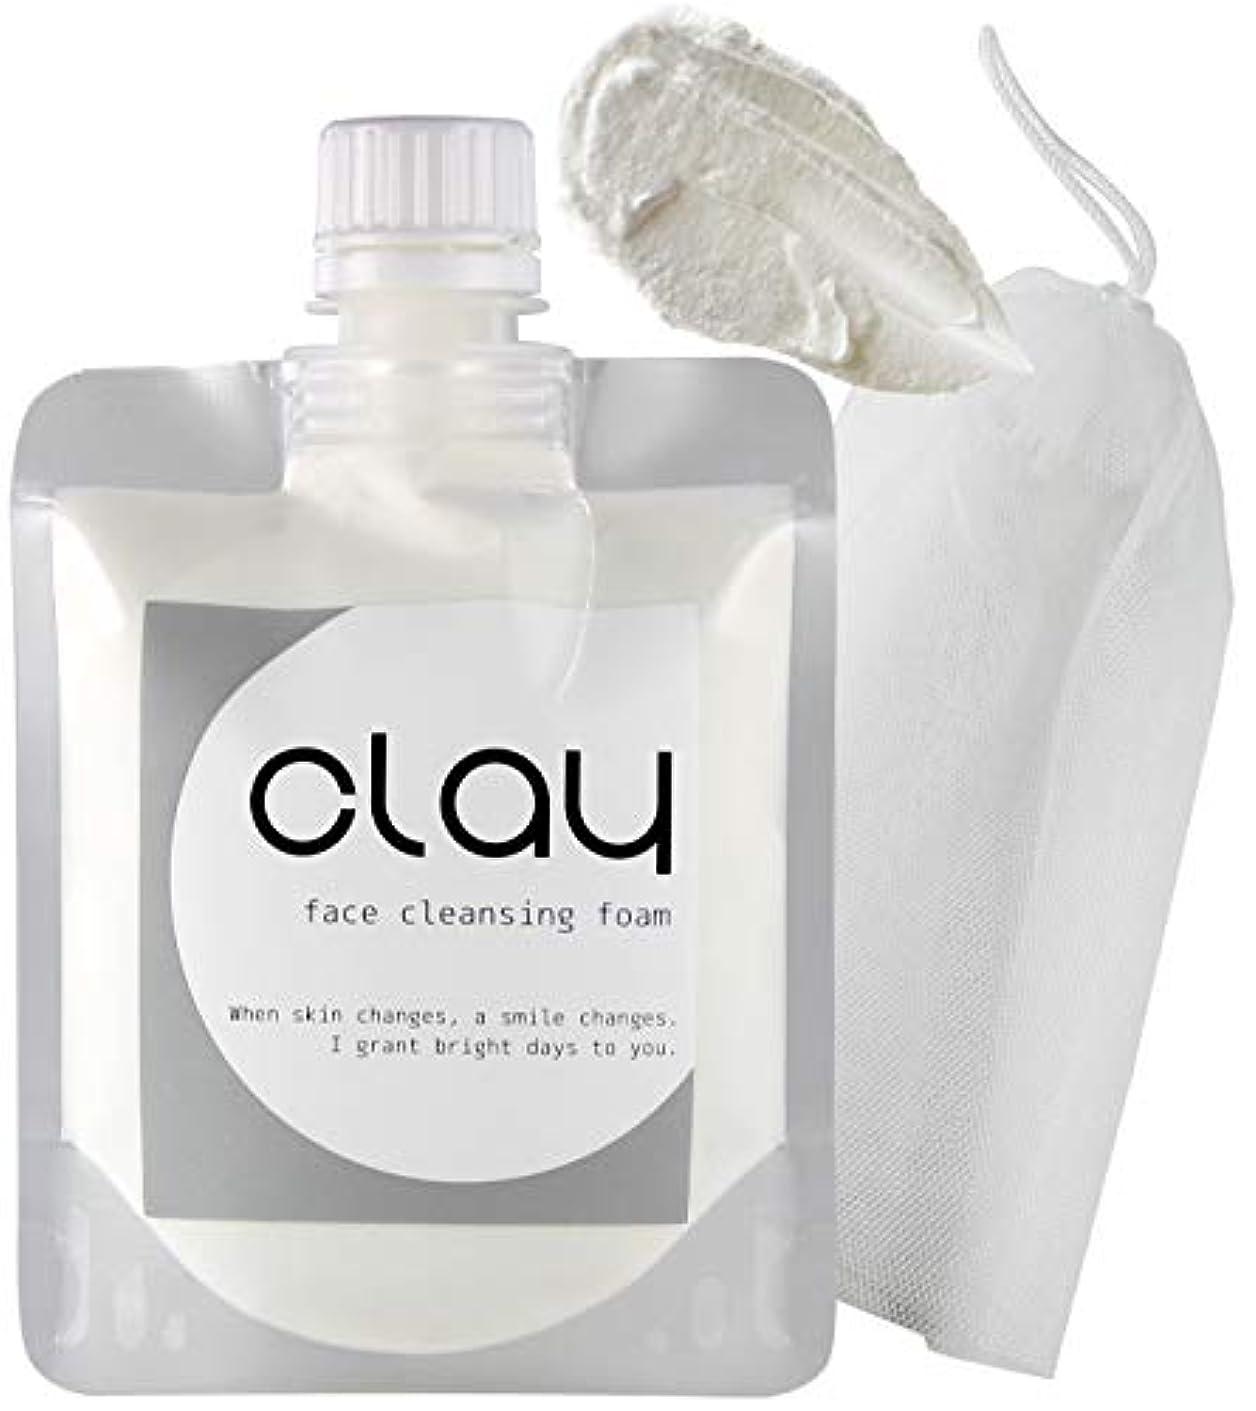 柱宿題思いやりSTAR'S クレイ 泥 洗顔 オーガニック 【 毛穴 黒ずみ 開き ザラ付き 用】「 泡 ネット 付き」 40種類の植物エキス 16種類の美容成分 9つの無添加 透明感 柔肌 130g (Clay)